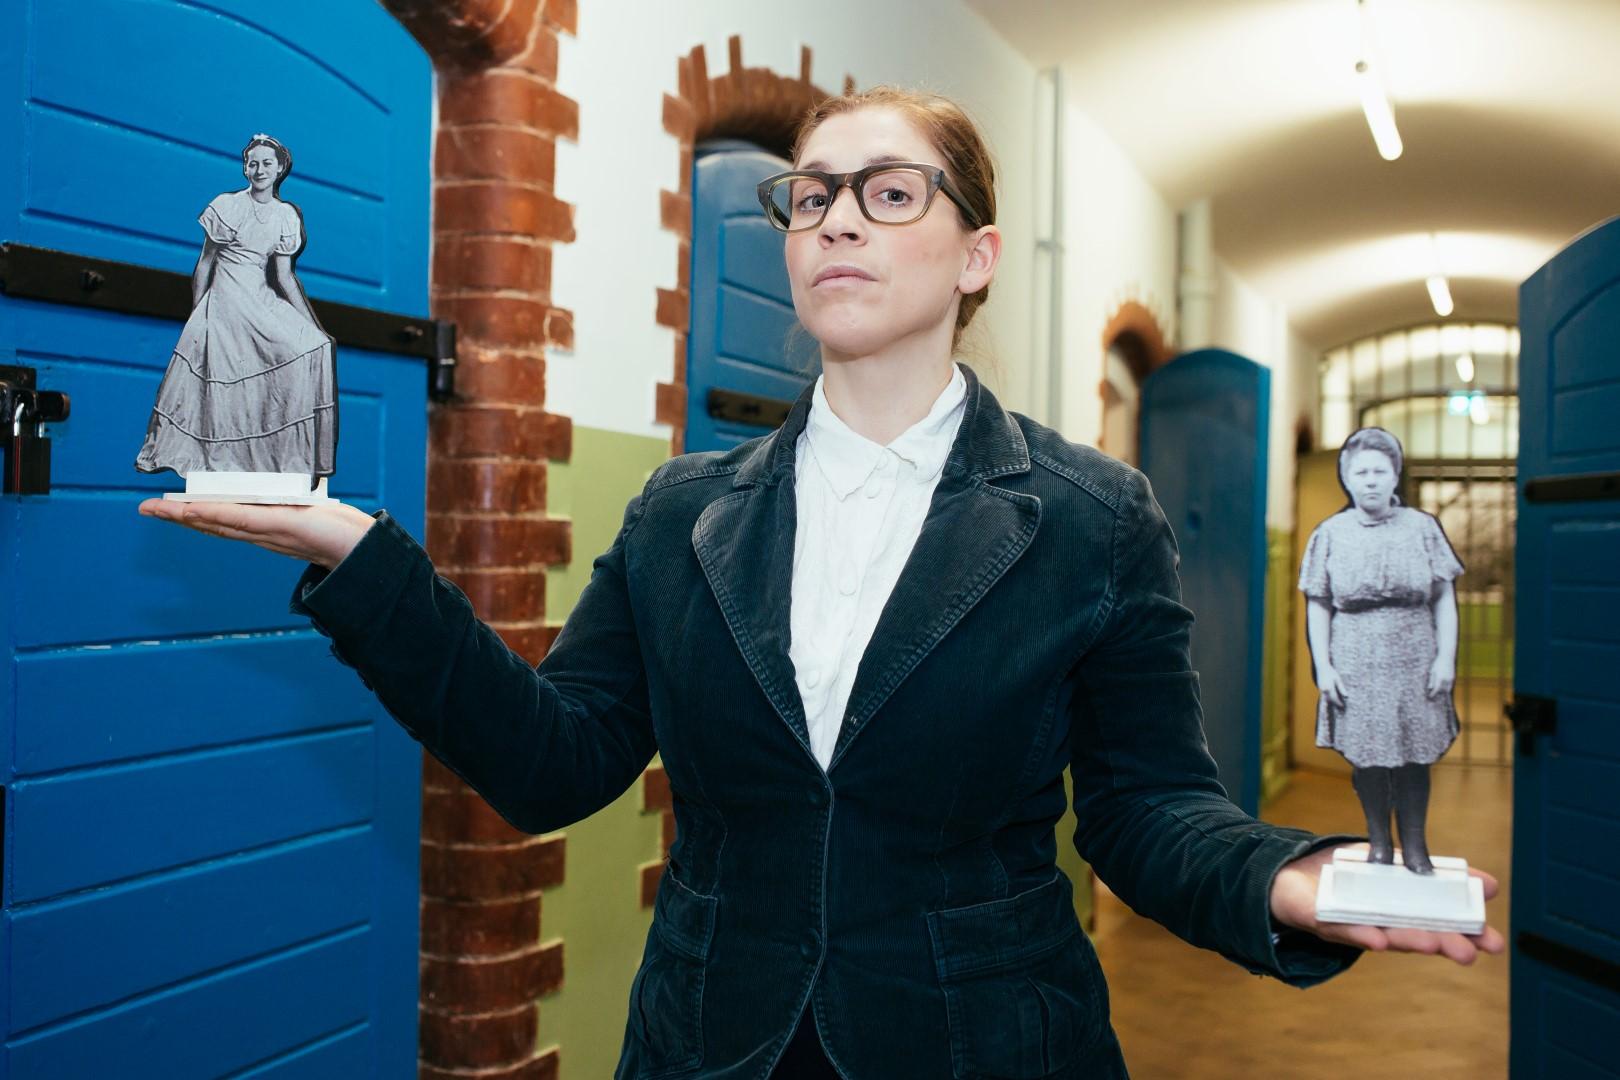 Figurenspielerin Julia Raab auf dem Pressefoto der szenischen Lesung mit Figurenspiel 'Im Frühling hat man keine Lust zu sterben!'; Foto: Julia Fenske